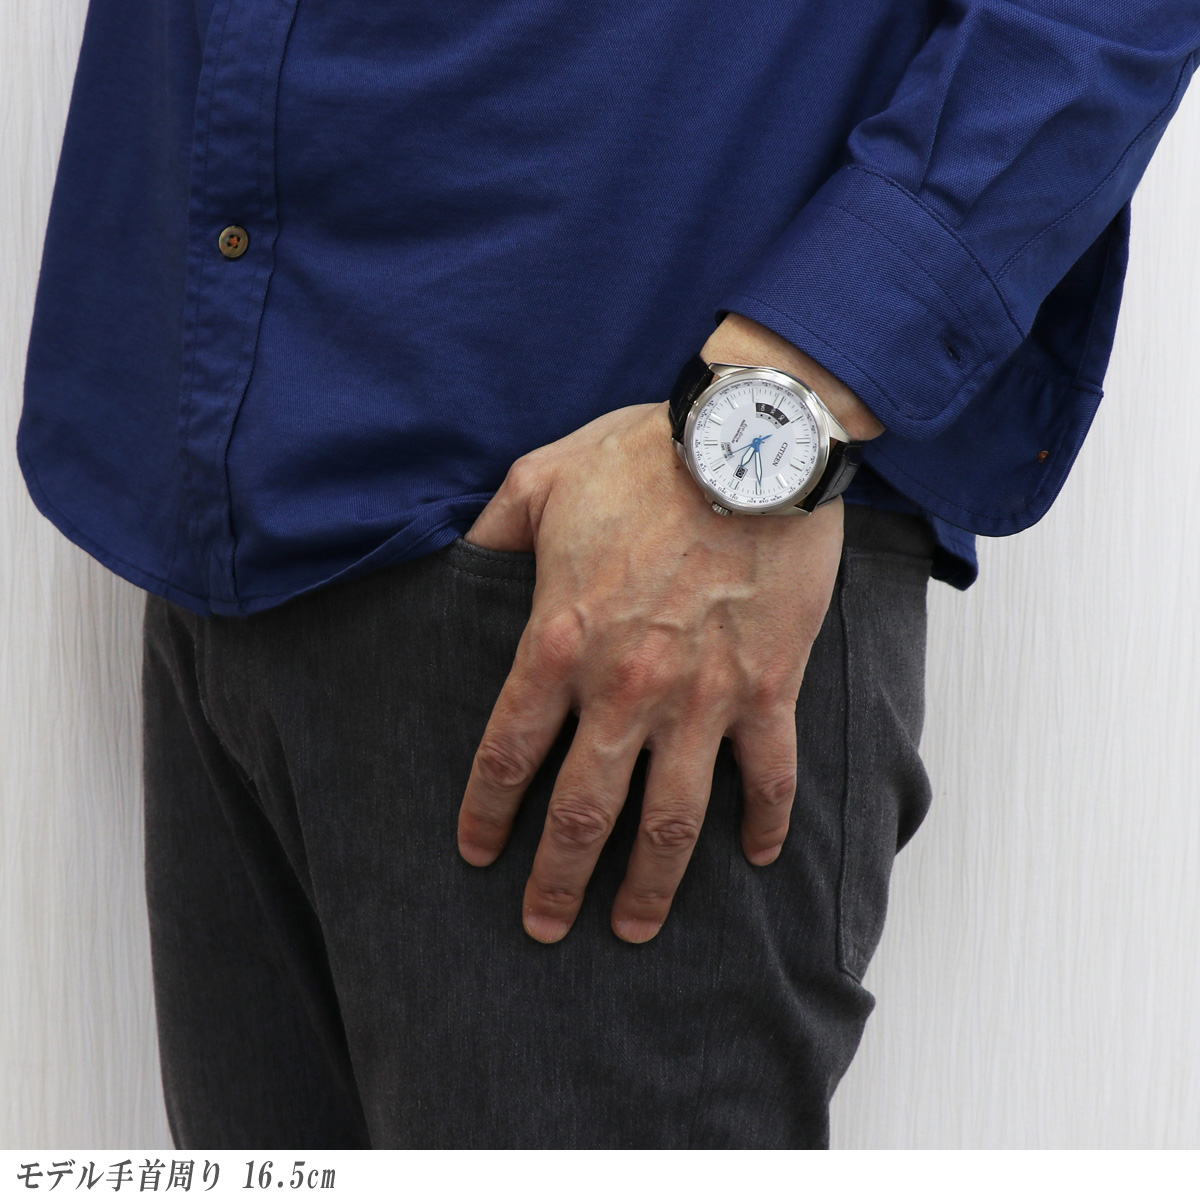 【希少!!国内未発売カラー】CITIZEN collection シチズン コレクション CB0180-11A ダイレクトフライト ホワイト 白 レザーベルト ECODRIVE エコドライブ Radio-Controlled 電波 ソーラー 日本製 made in japan 男性用 メンズ 腕時計 Perfex パーフェックス